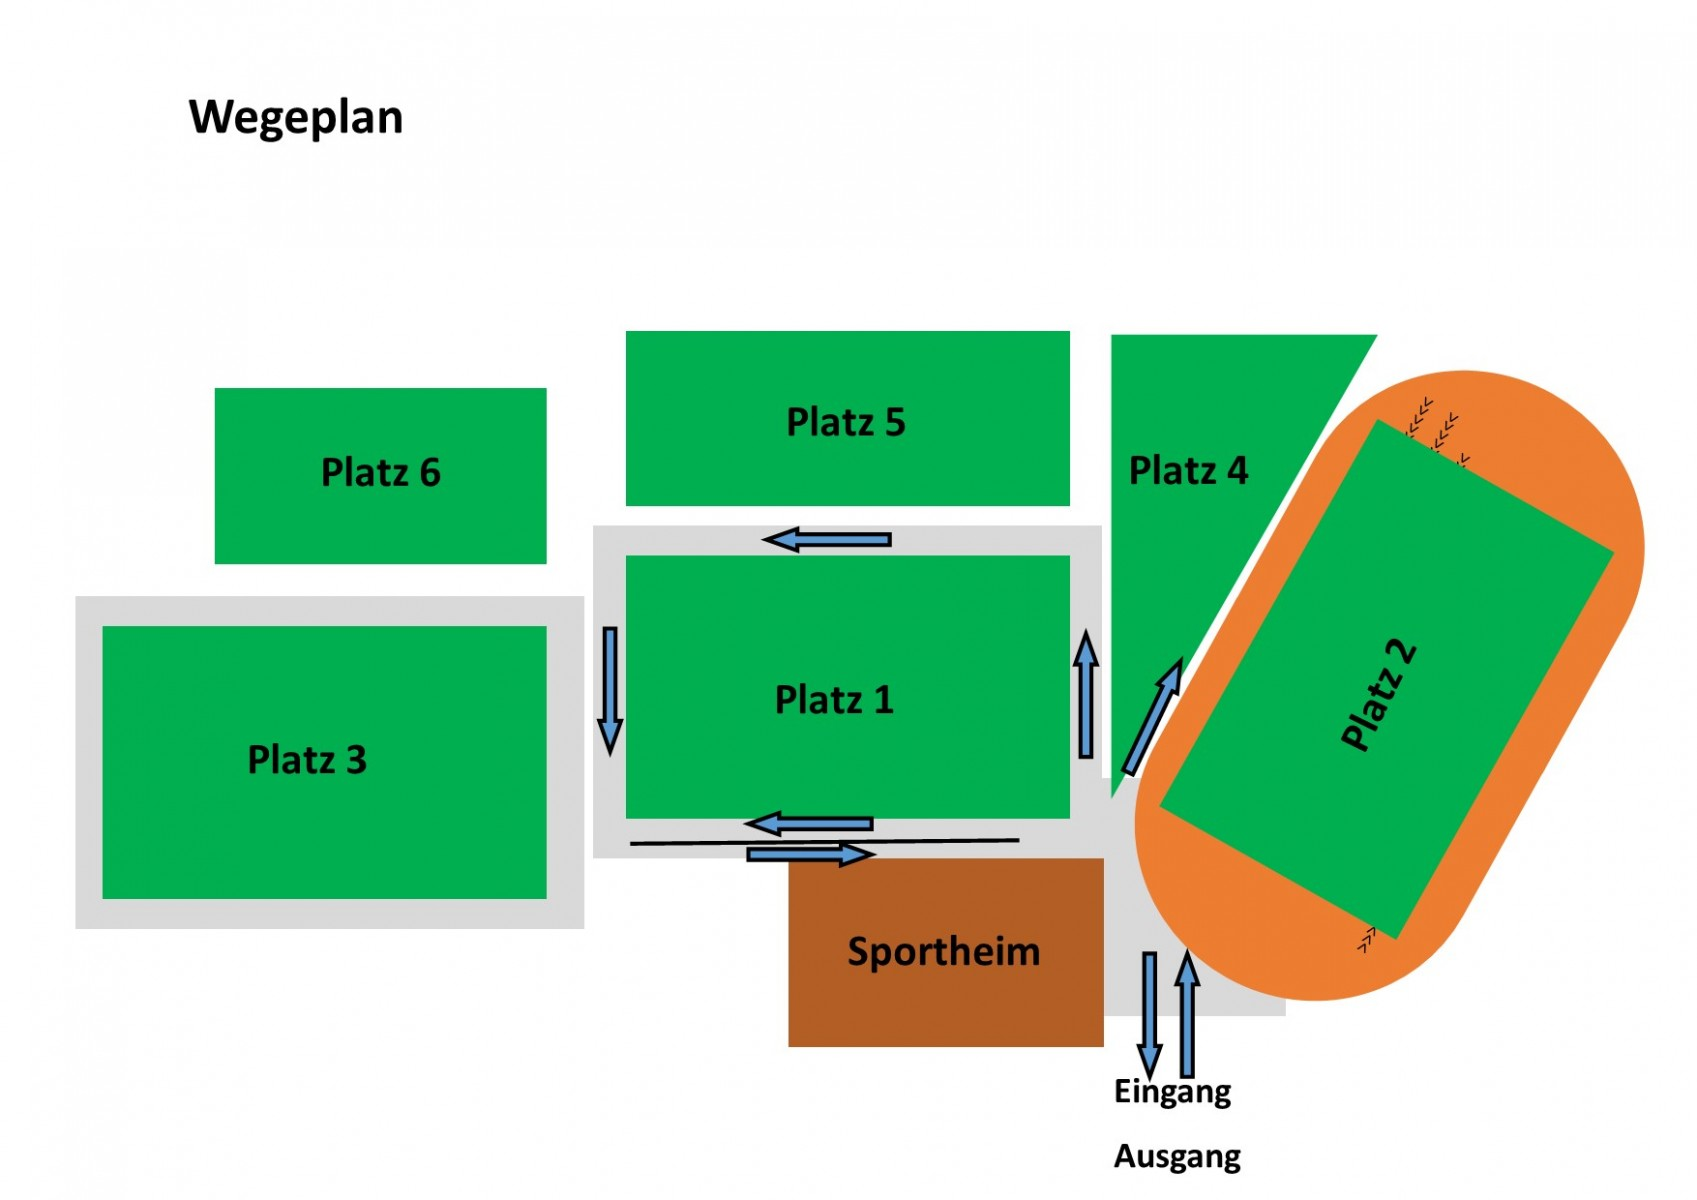 Wegeplan